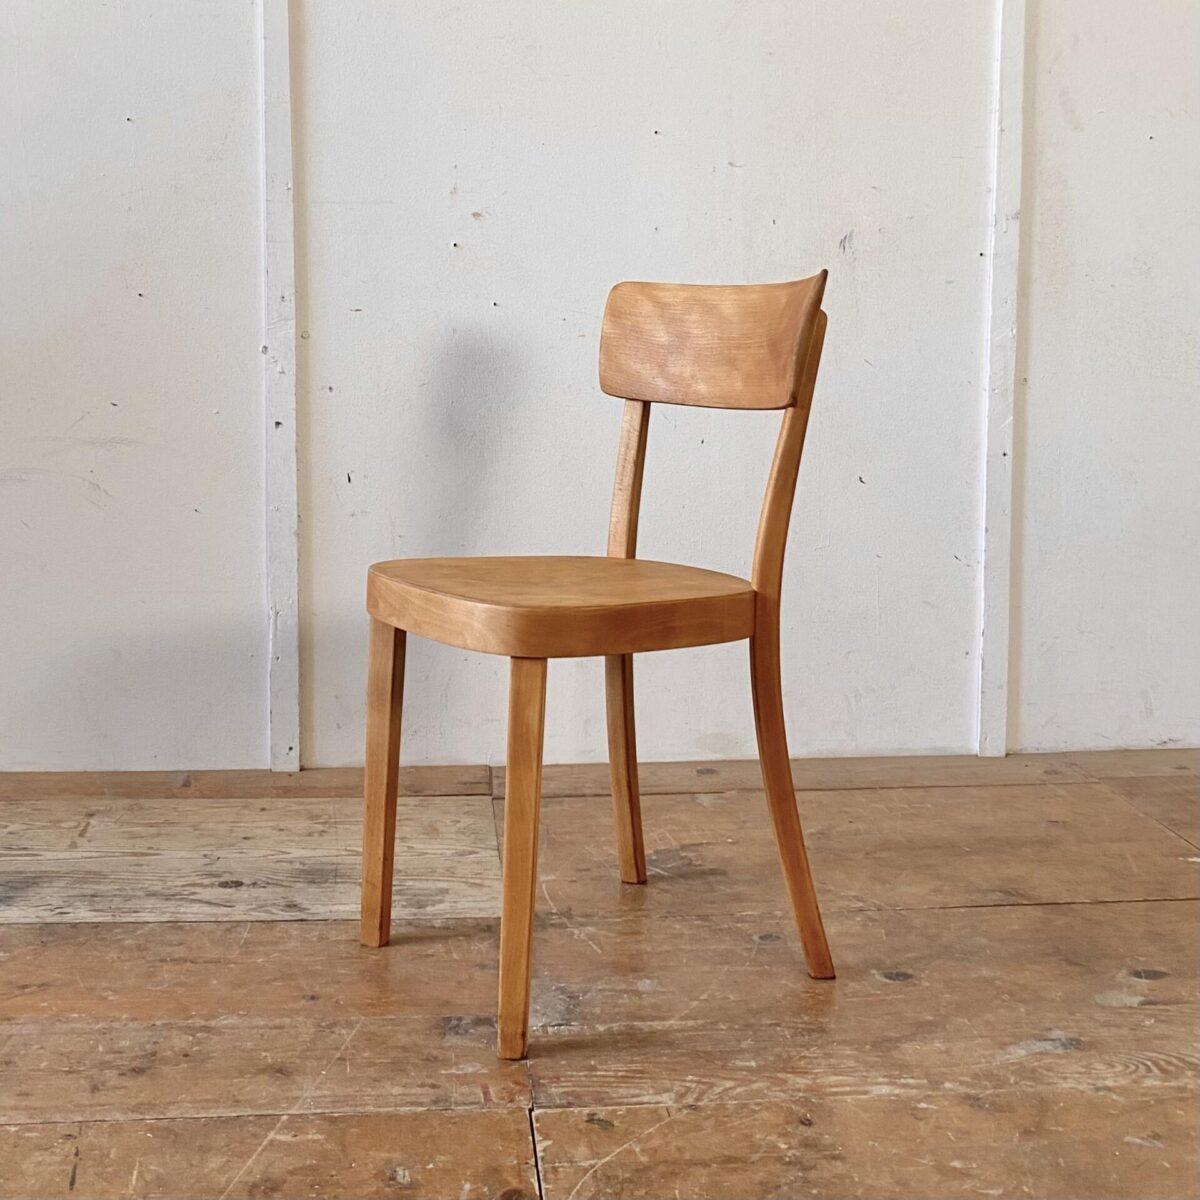 Deuxieme.shop horgenglarus Classic. 6er Set Horgen Glarus Beizenstühle aus Buchenholz von 1958. Die Stühle sind technisch komplett restauriert, die Holz Oberflächen geschliffen und mit Naturöl behandelt. Die Stühle sind im Vergleich zu den neueren Classic Modellen, noch etwas bequemer. Die Dampfgebogene Rückenlehne ist gegen oben rund gefräst.